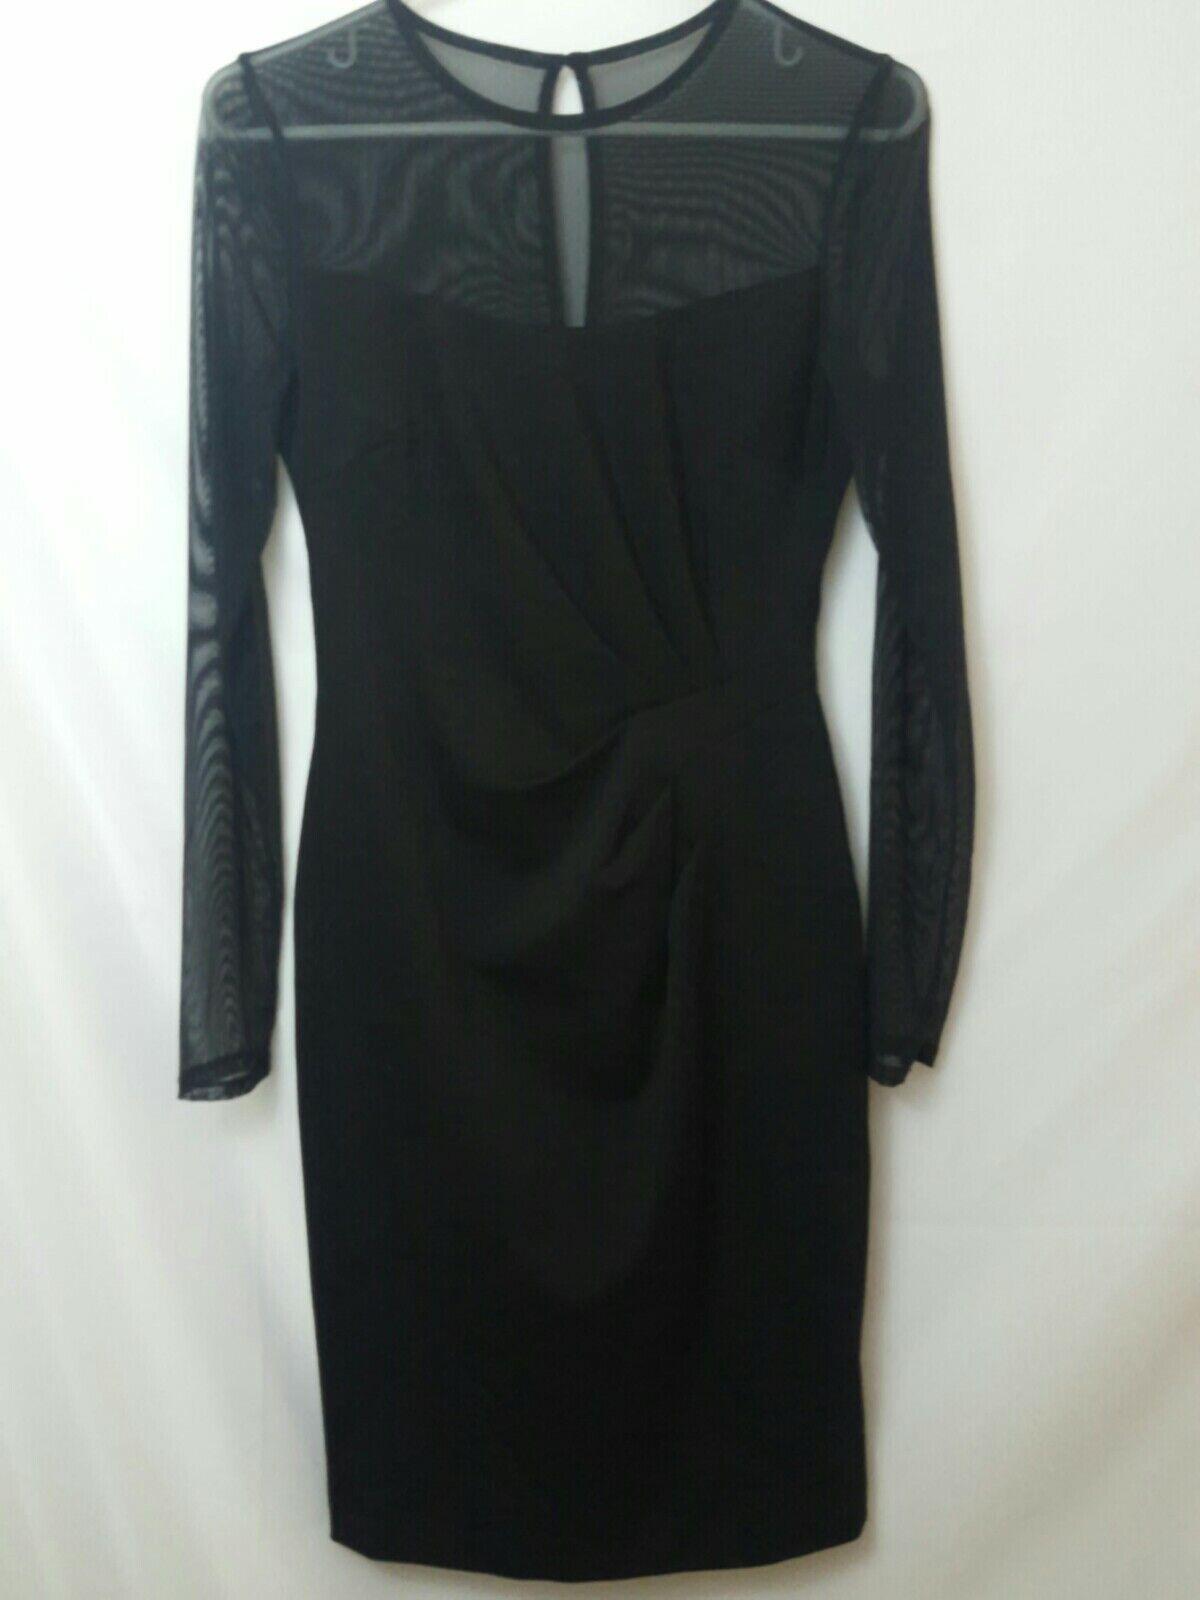 NEW Cache schwarz sheer long sleeve ruched schwarz dress Größe 6